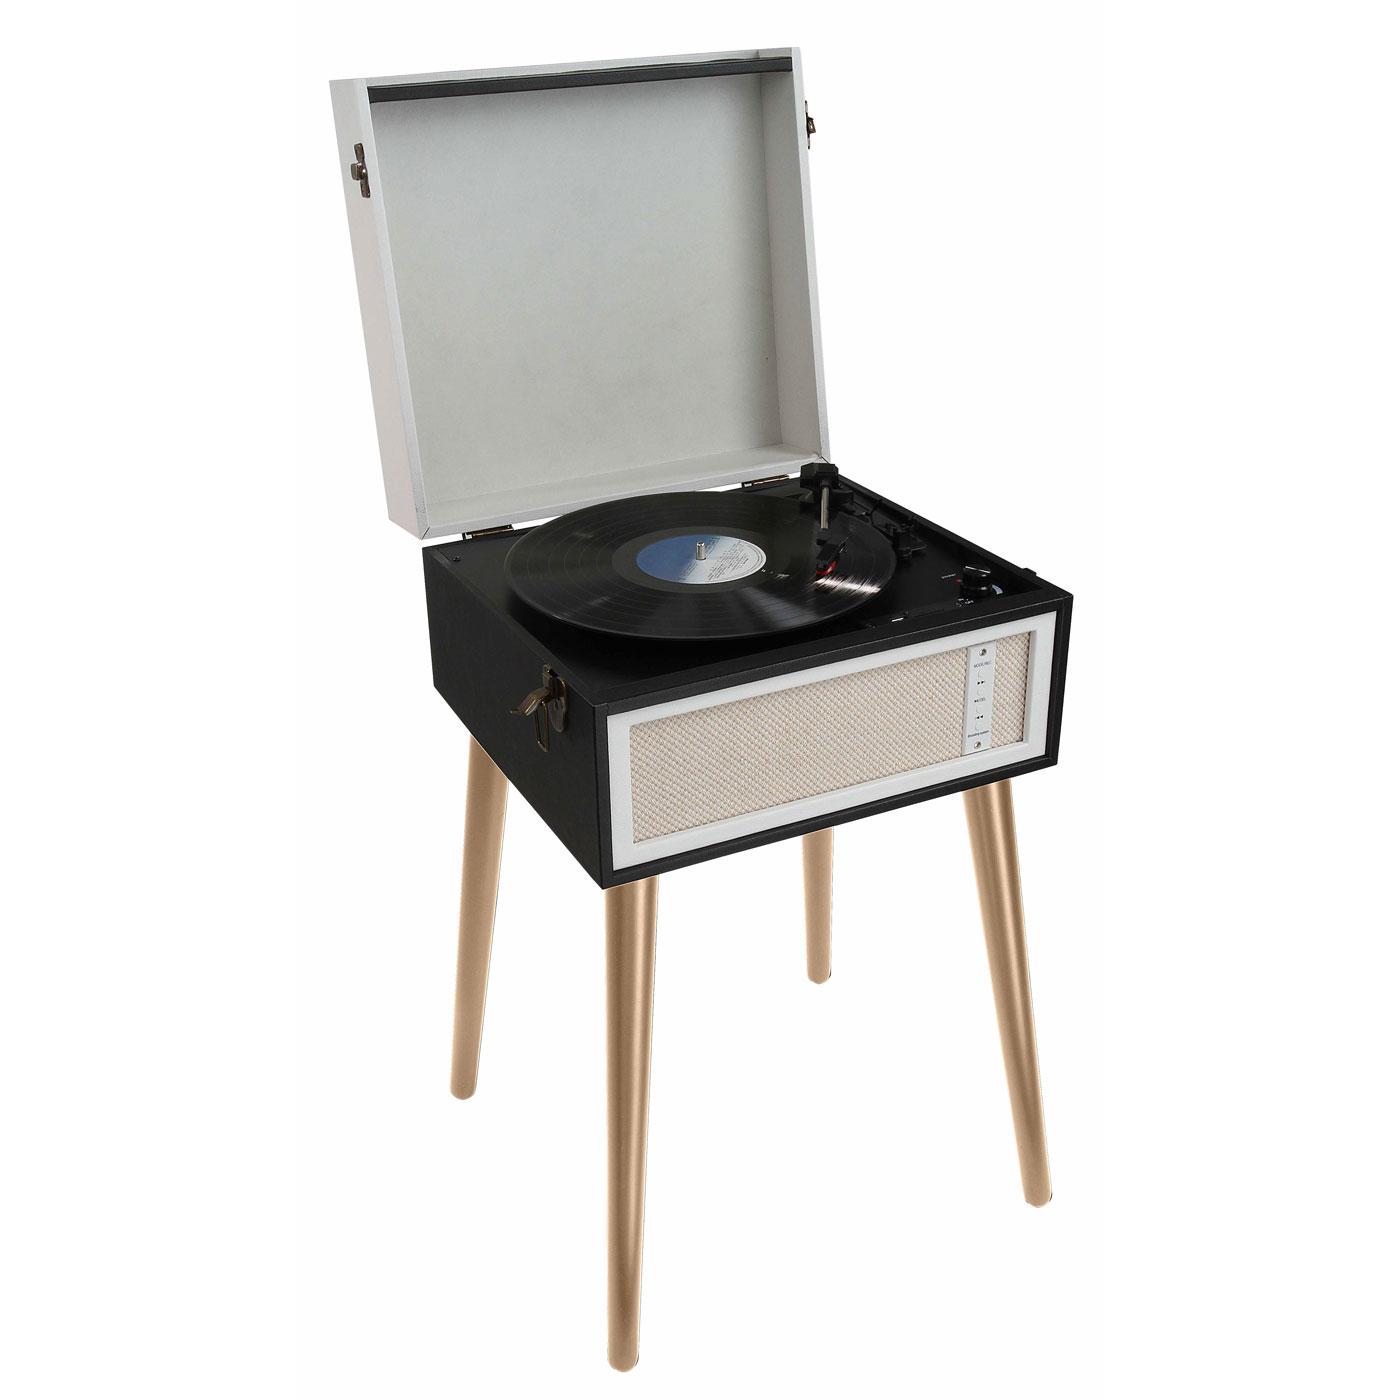 clipsonic tes190 noir platine vinyle clipsonic sur. Black Bedroom Furniture Sets. Home Design Ideas